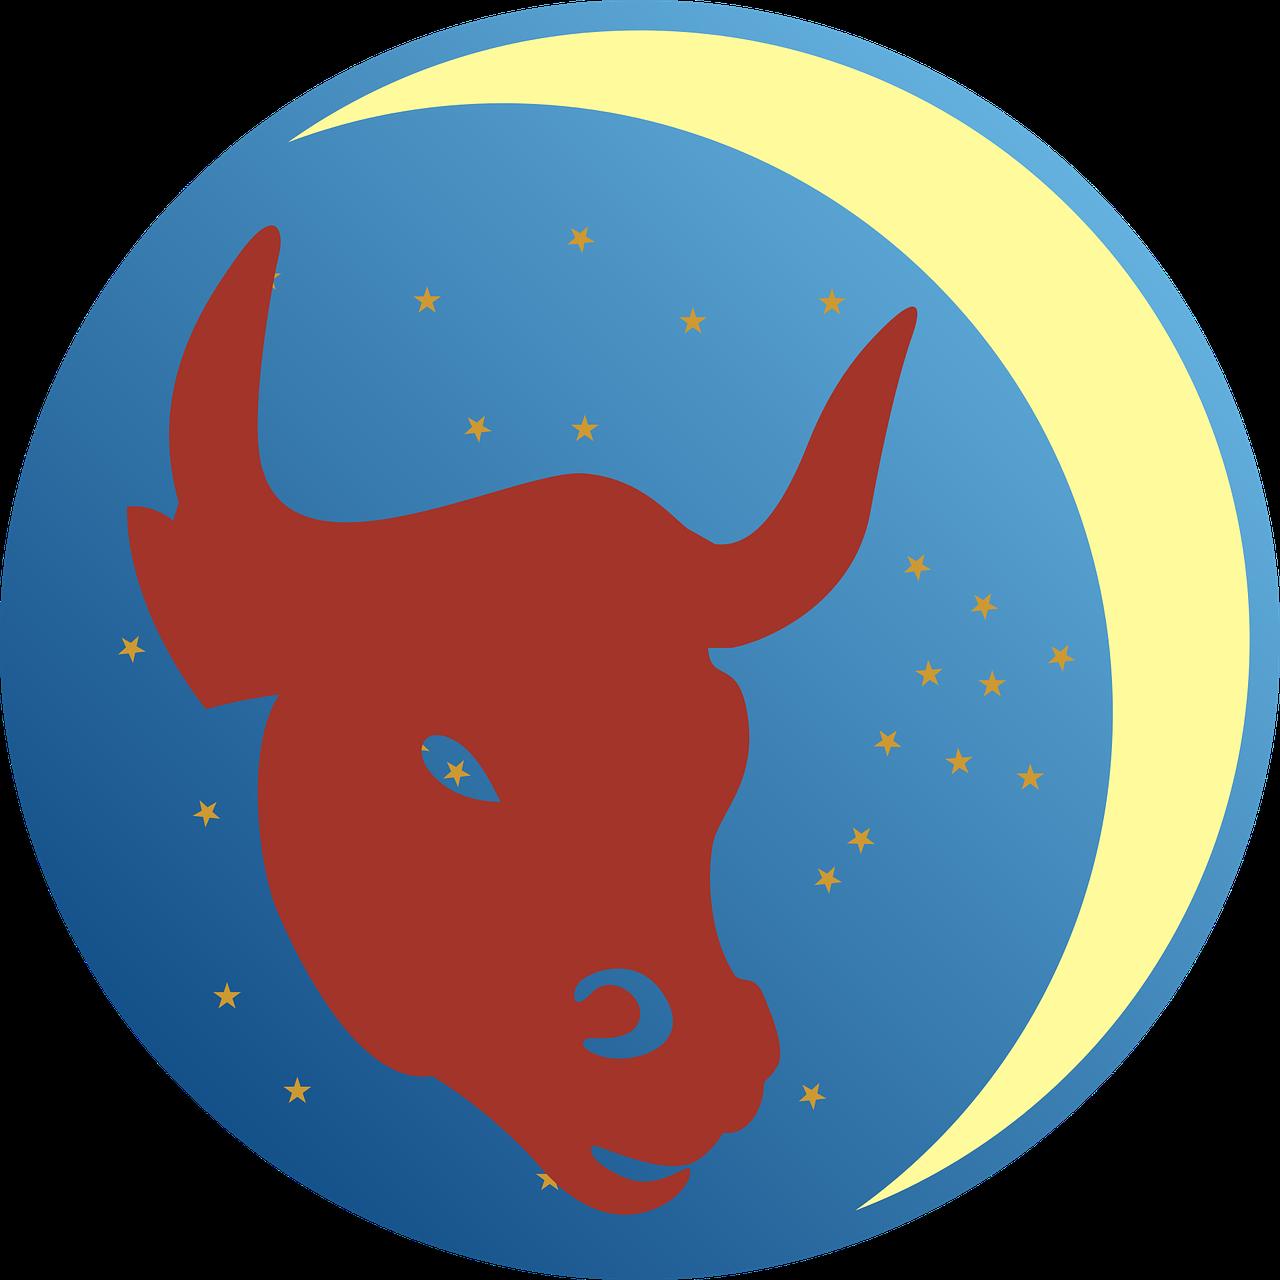 bull-2478801_1280.png